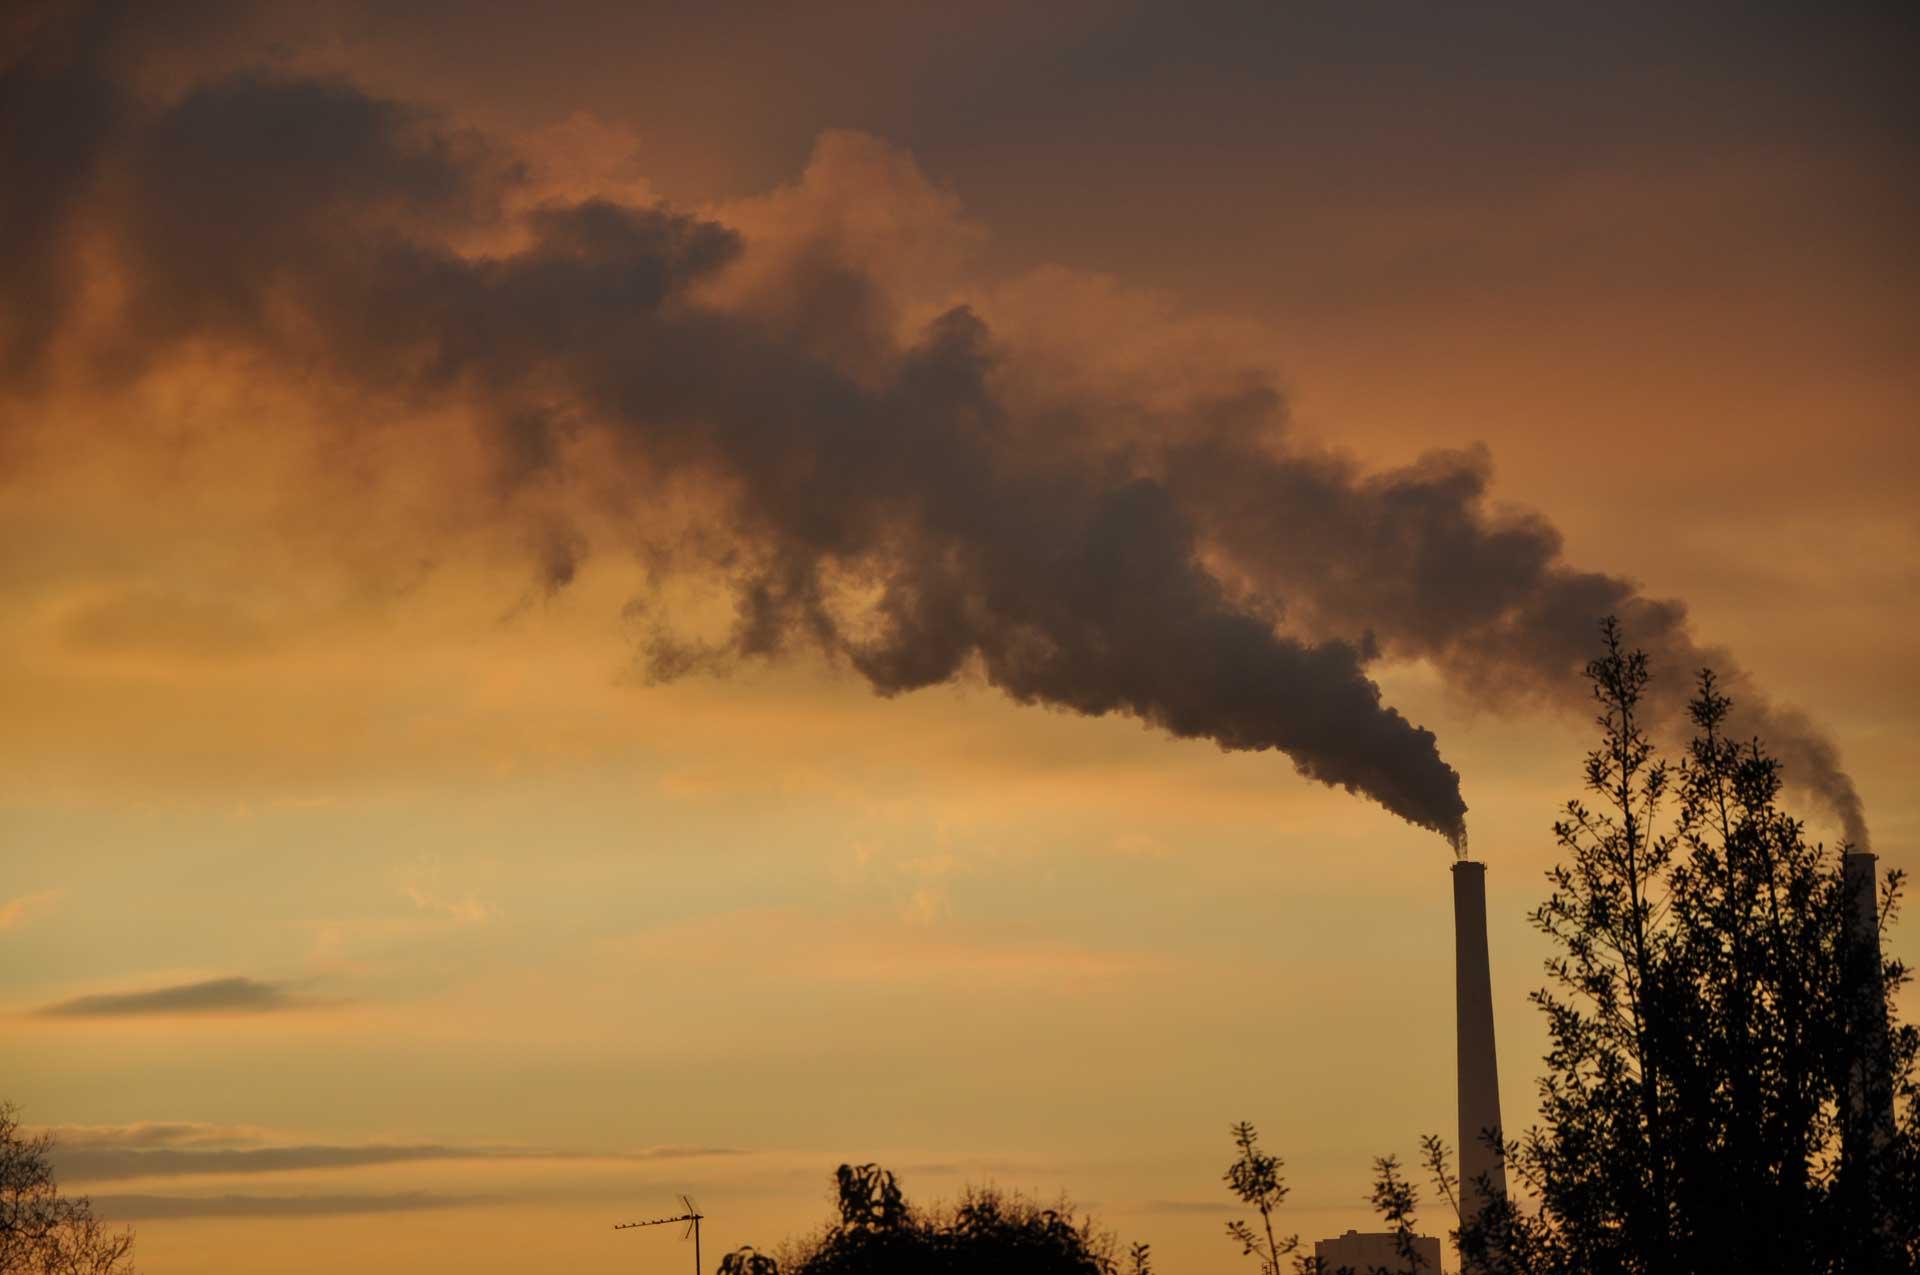 Cercetare în domeniul carbonului, finanțată prin programul Horizon 2020